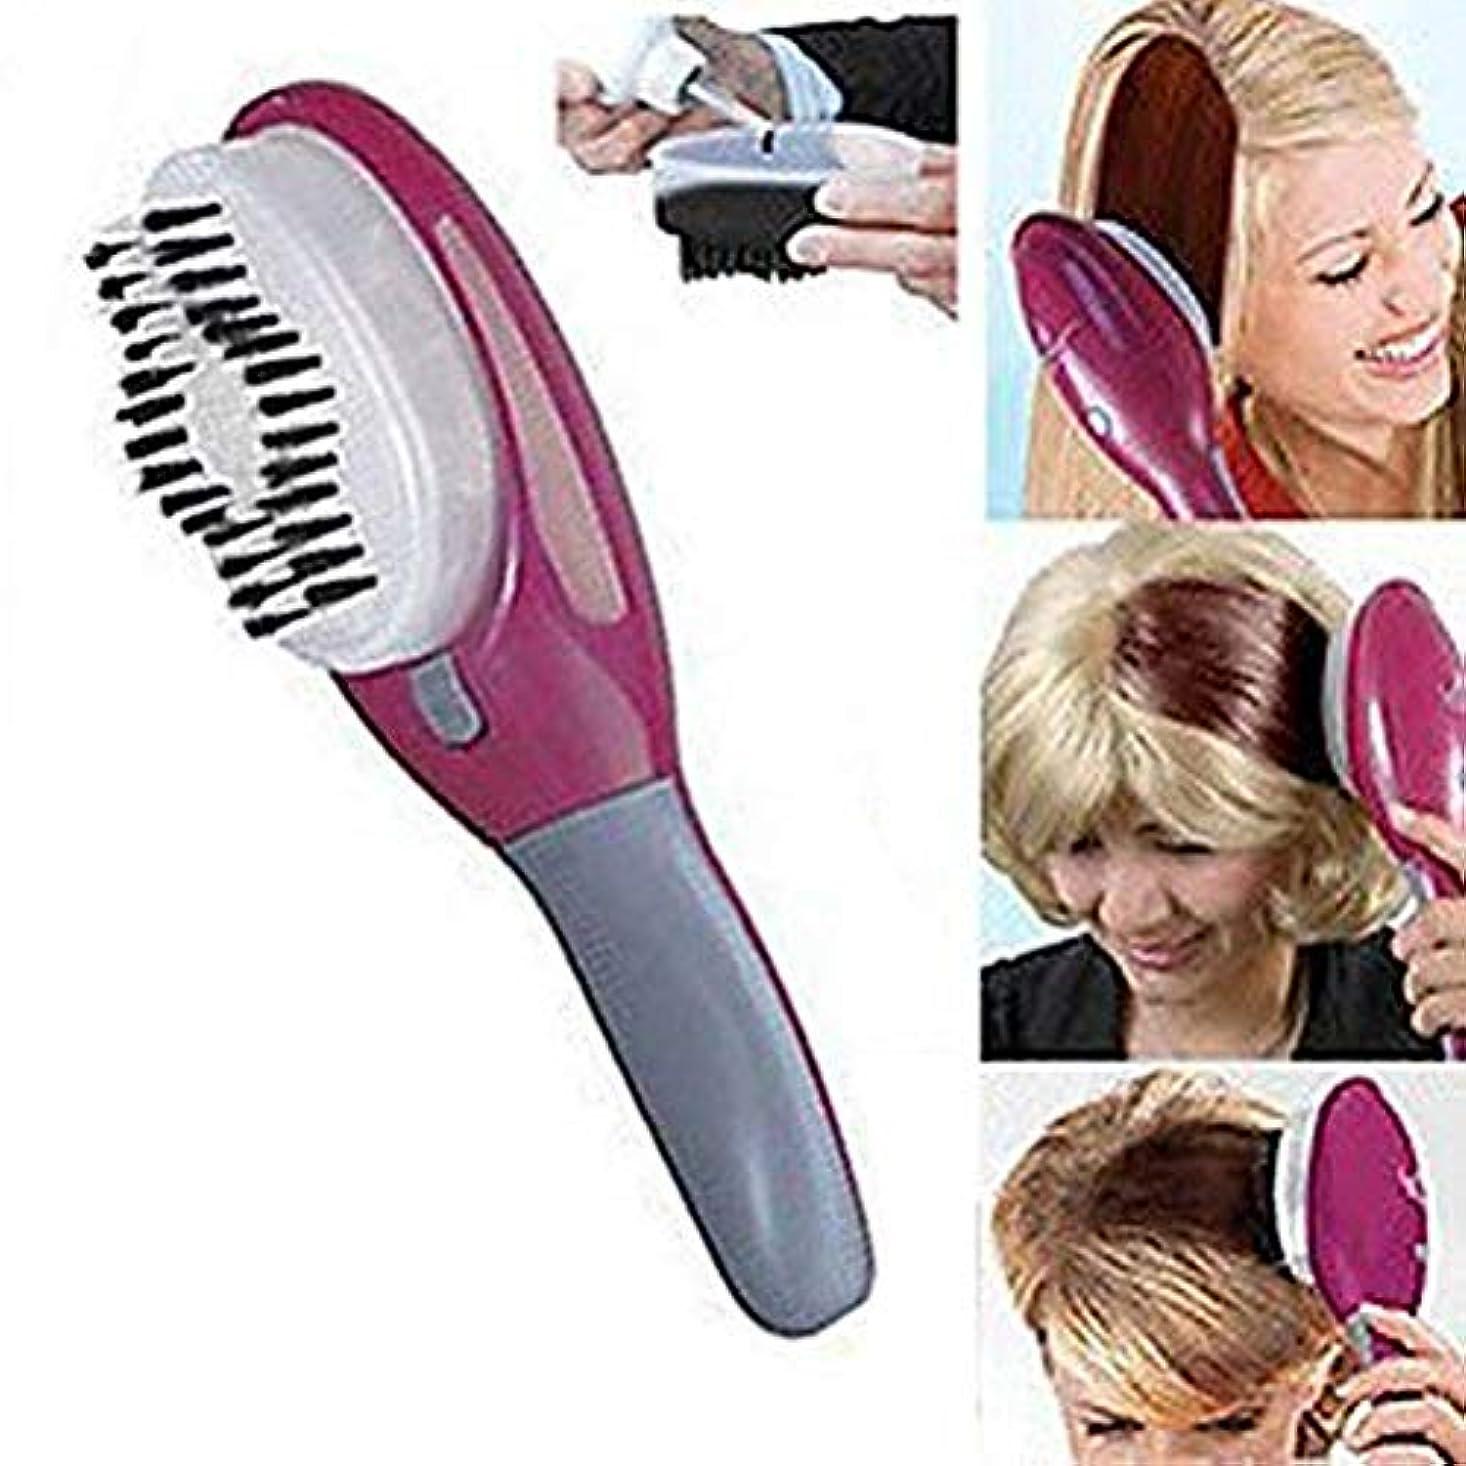 メタリック後退する悩む電動高速染毛コーム、ヘアスタイリングツール用高精度工具、染毛用特殊ブラシ